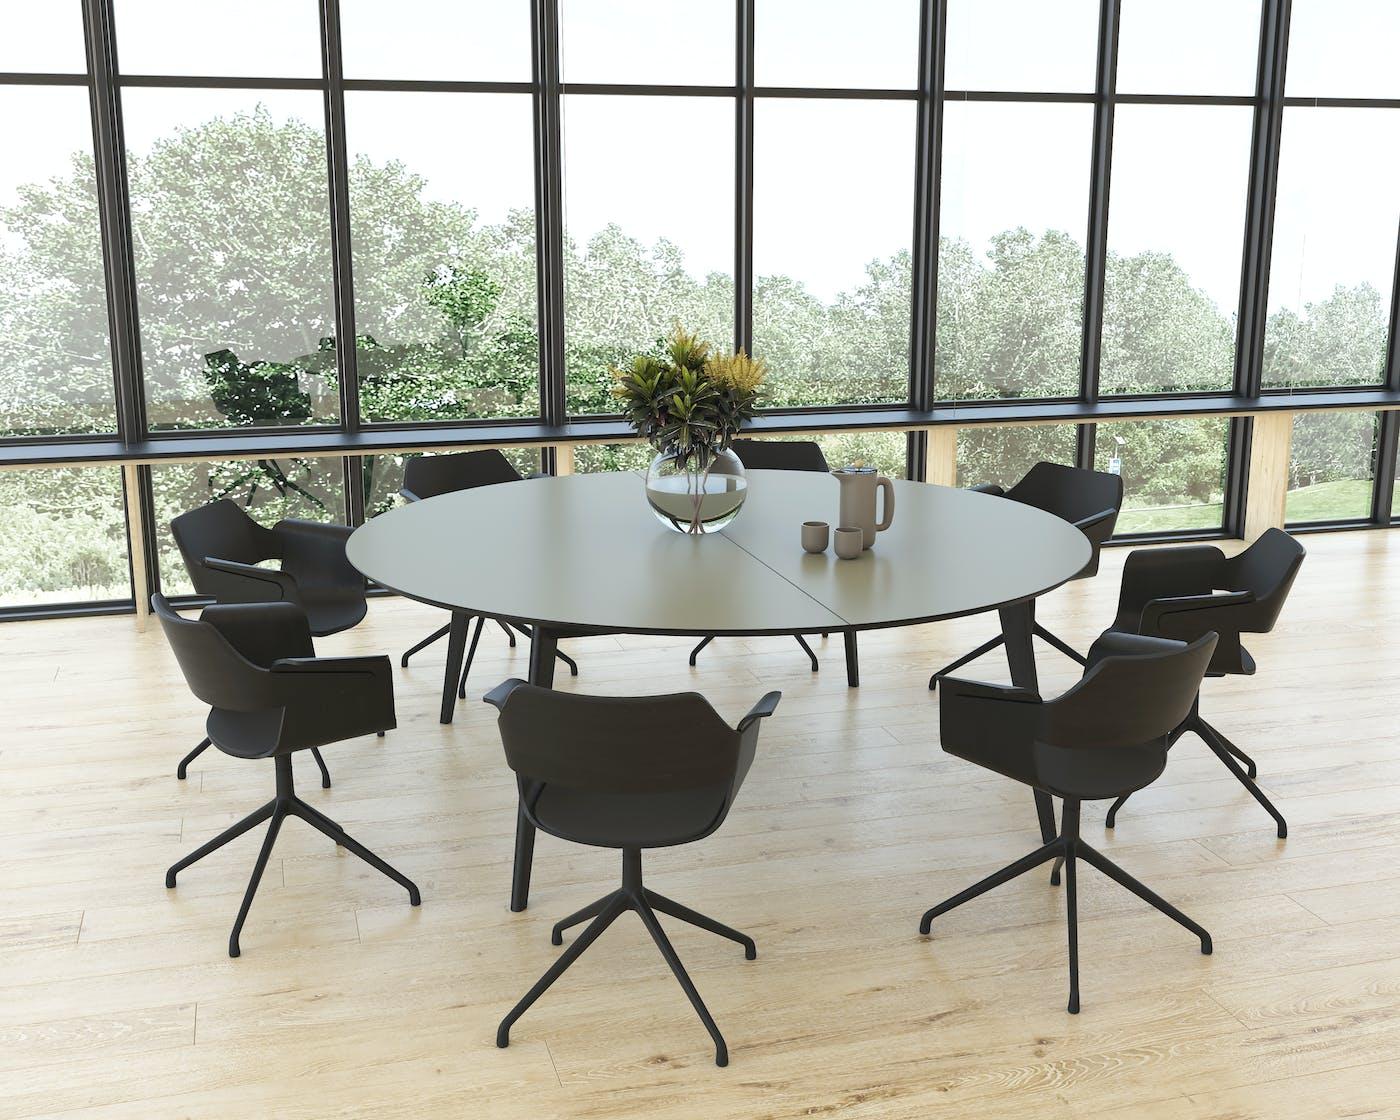 Miljø MADRID Ø210 olive linoleum med sort kant sortlakerede massive egeben samt sorte FLAGSHIP stole